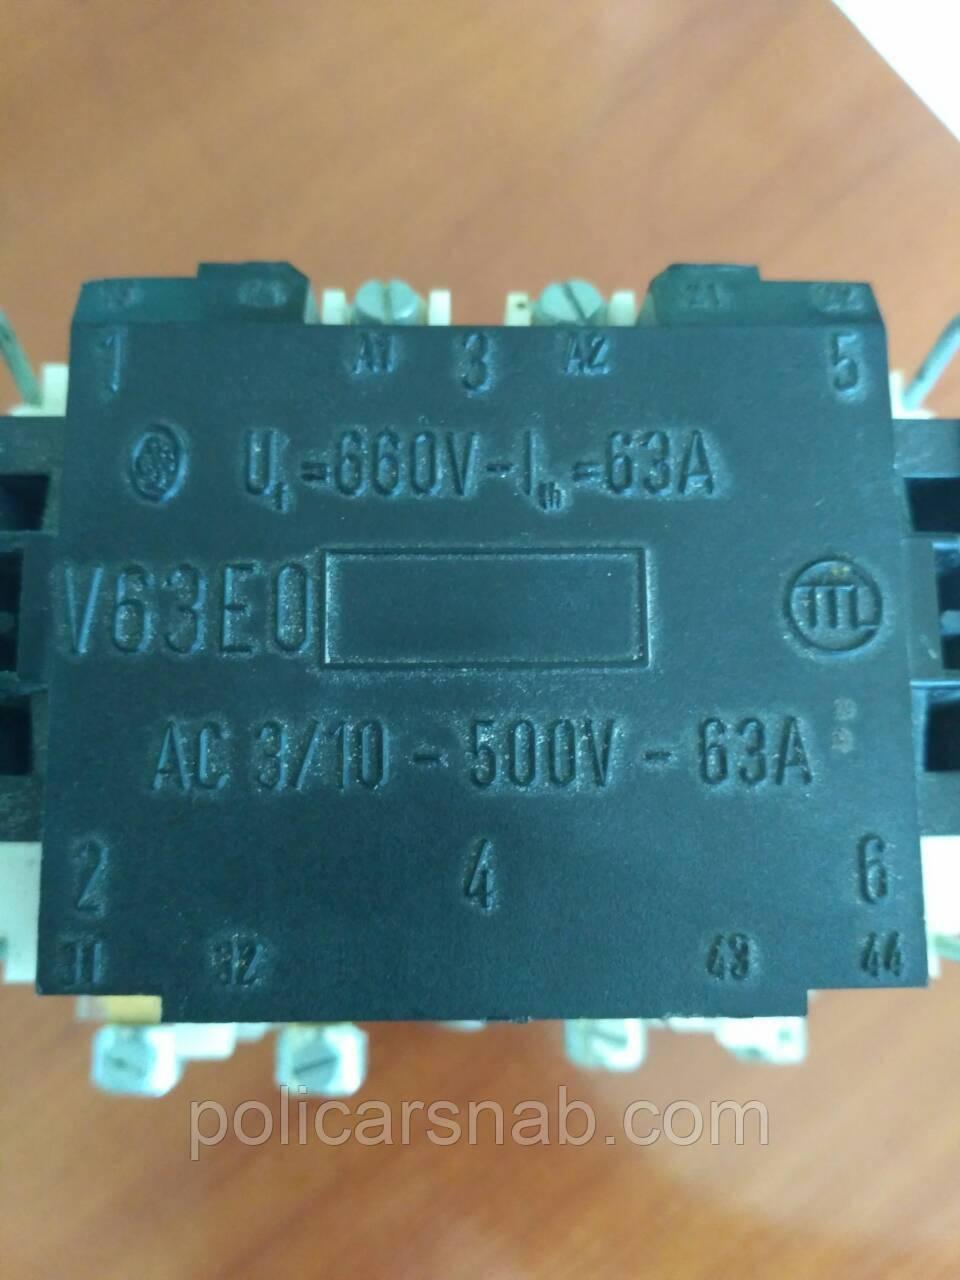 Пускач, пускач, контактор V63EO, АС3/10-500V-63A